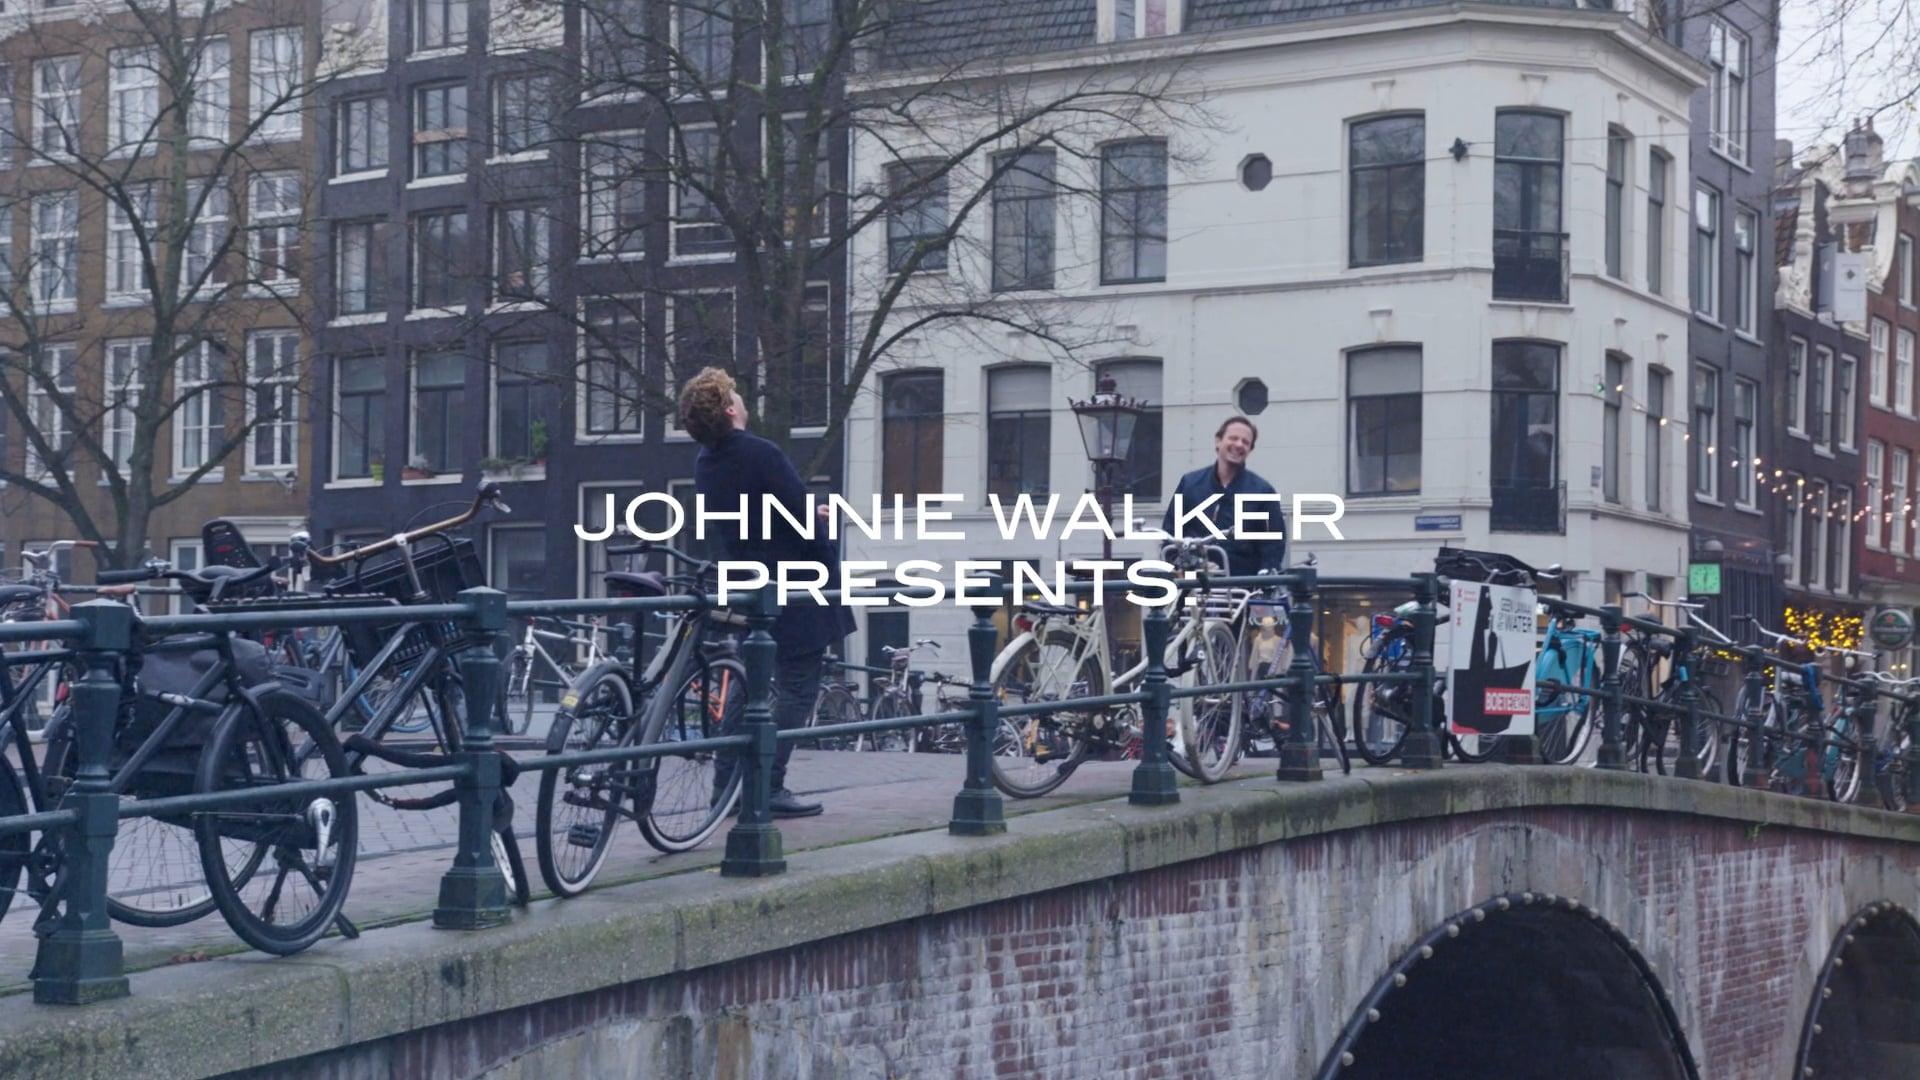 Johnnie Walker - Celebrating Friendship